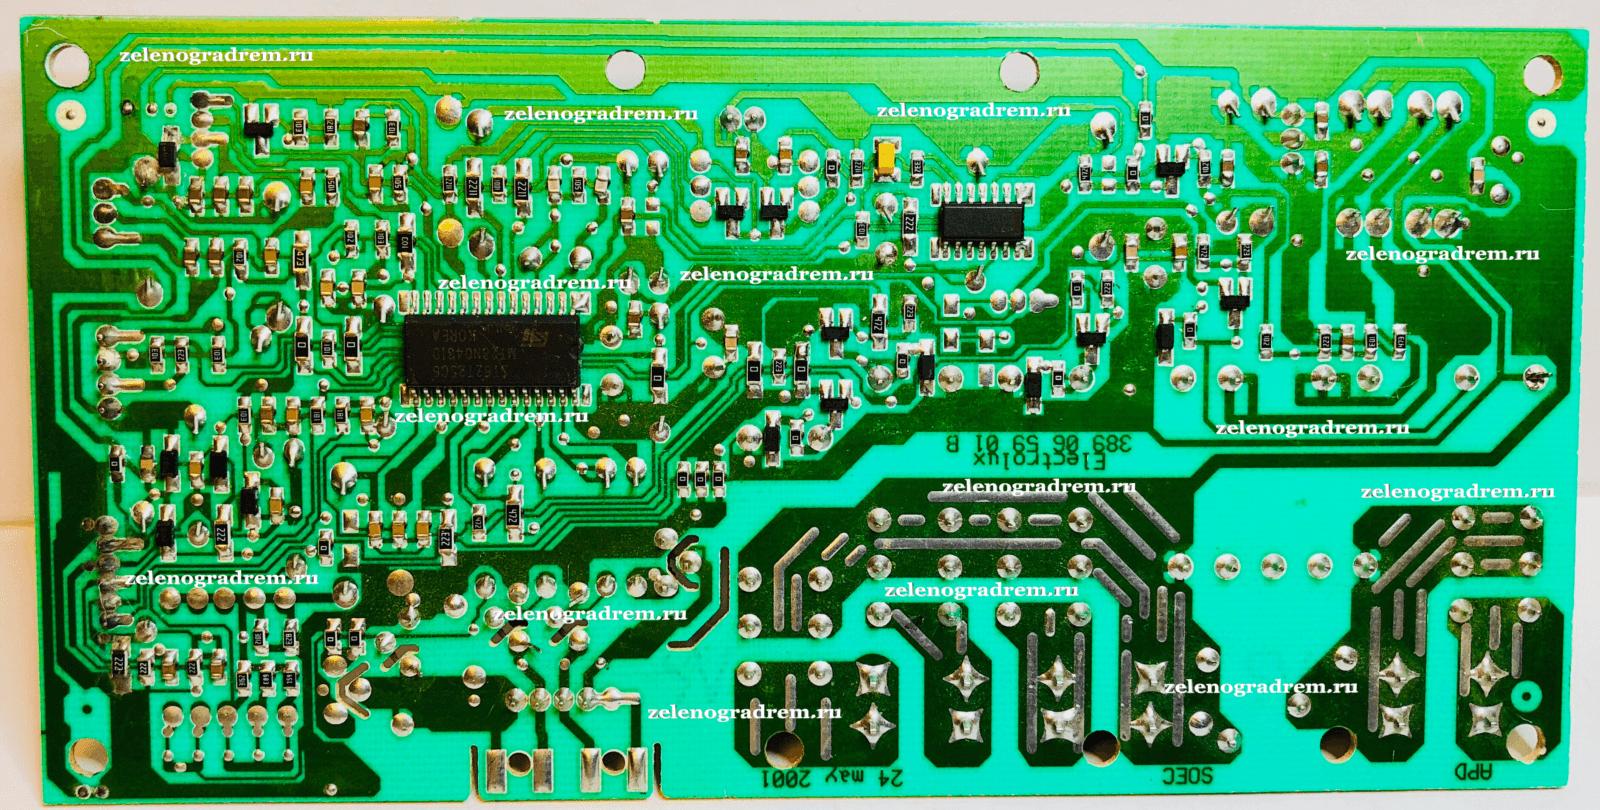 Силовой Модуль Духового Шкафа | Ремонт Стиральных Машин В Зеленограде На Дому